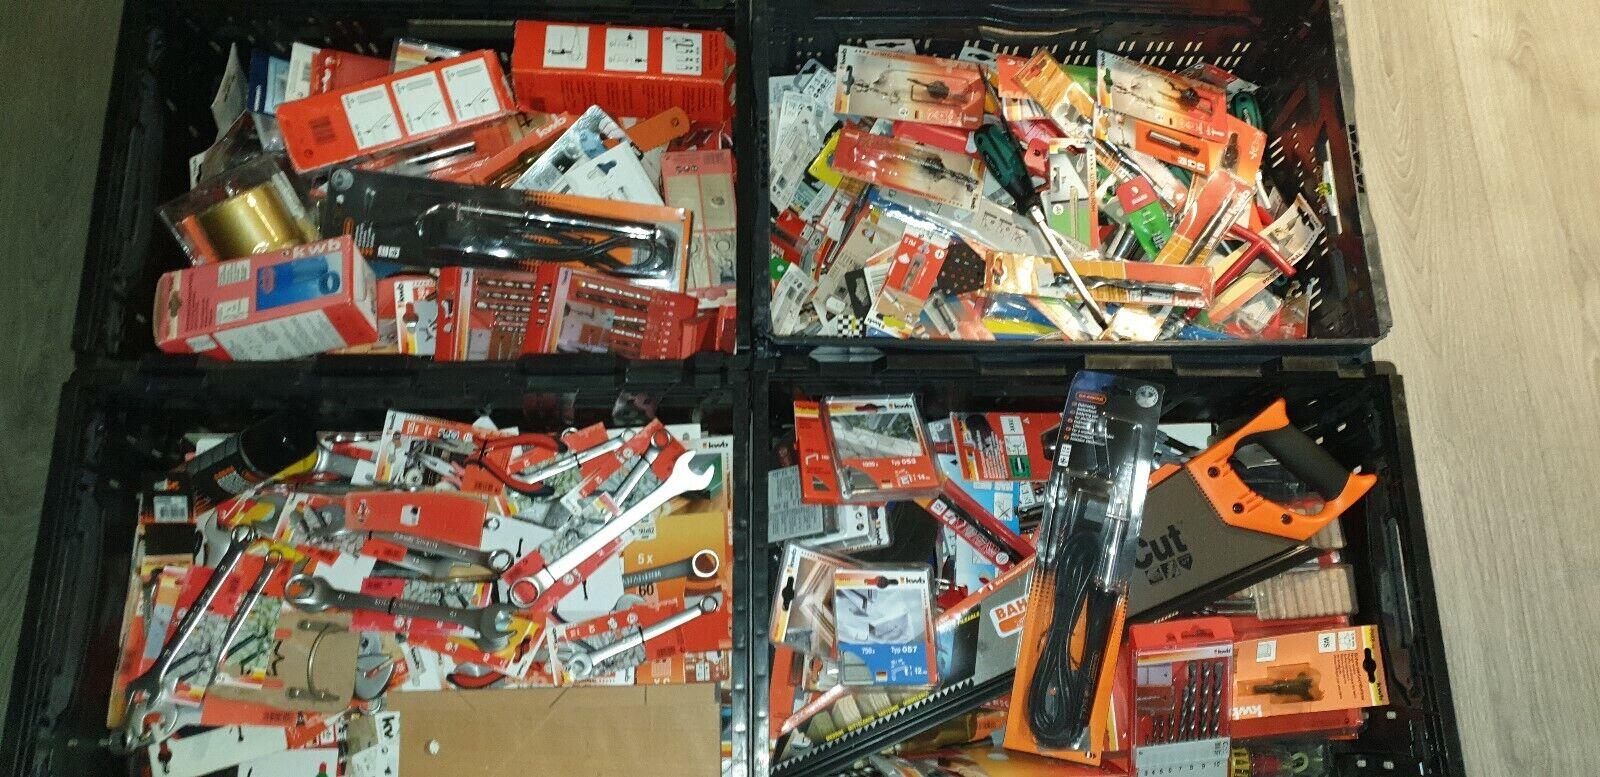 20 x werkzeug restposten trödelmarkt NEU mischung verschiedes Baumarkt